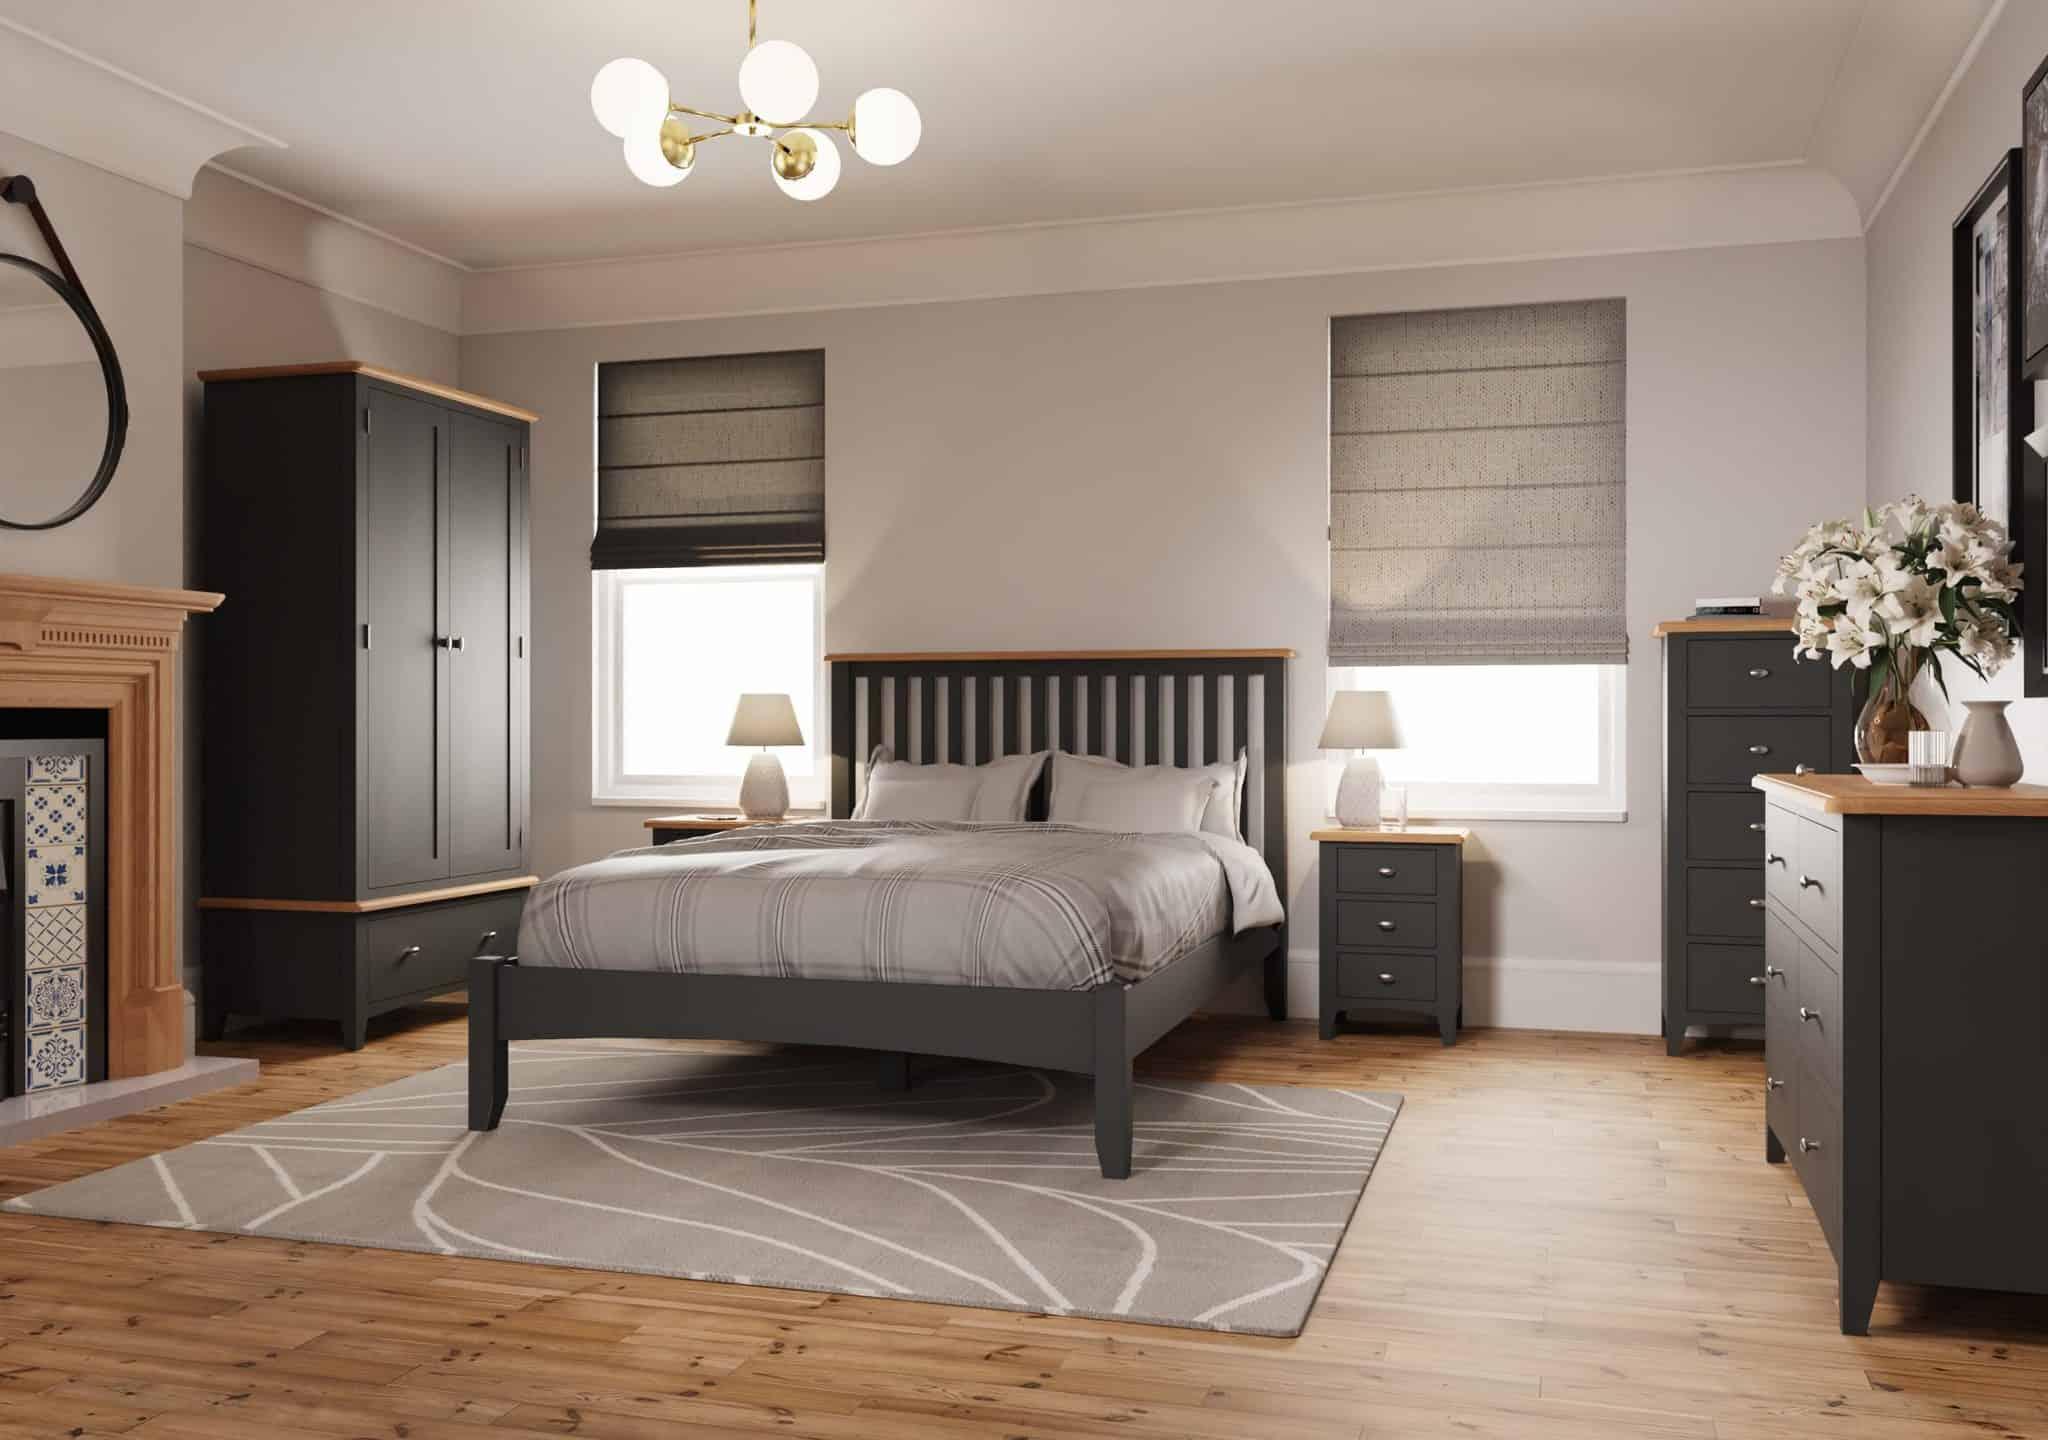 ga grey bedroom roomset